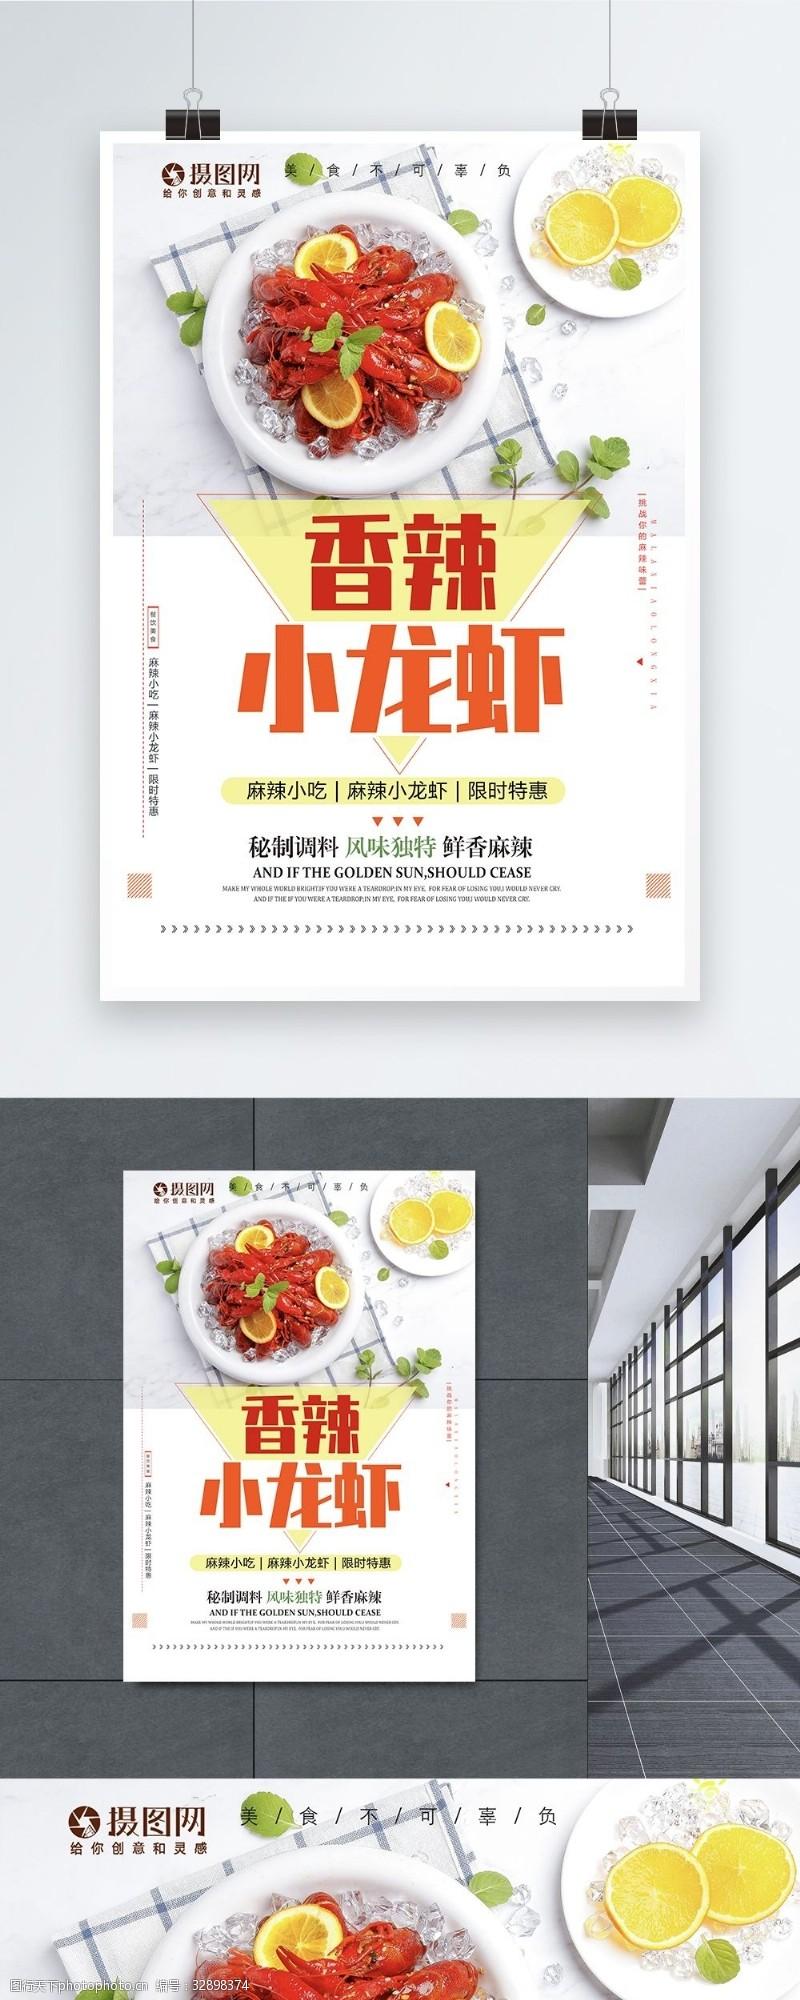 香辣小龙虾美食餐饮海报